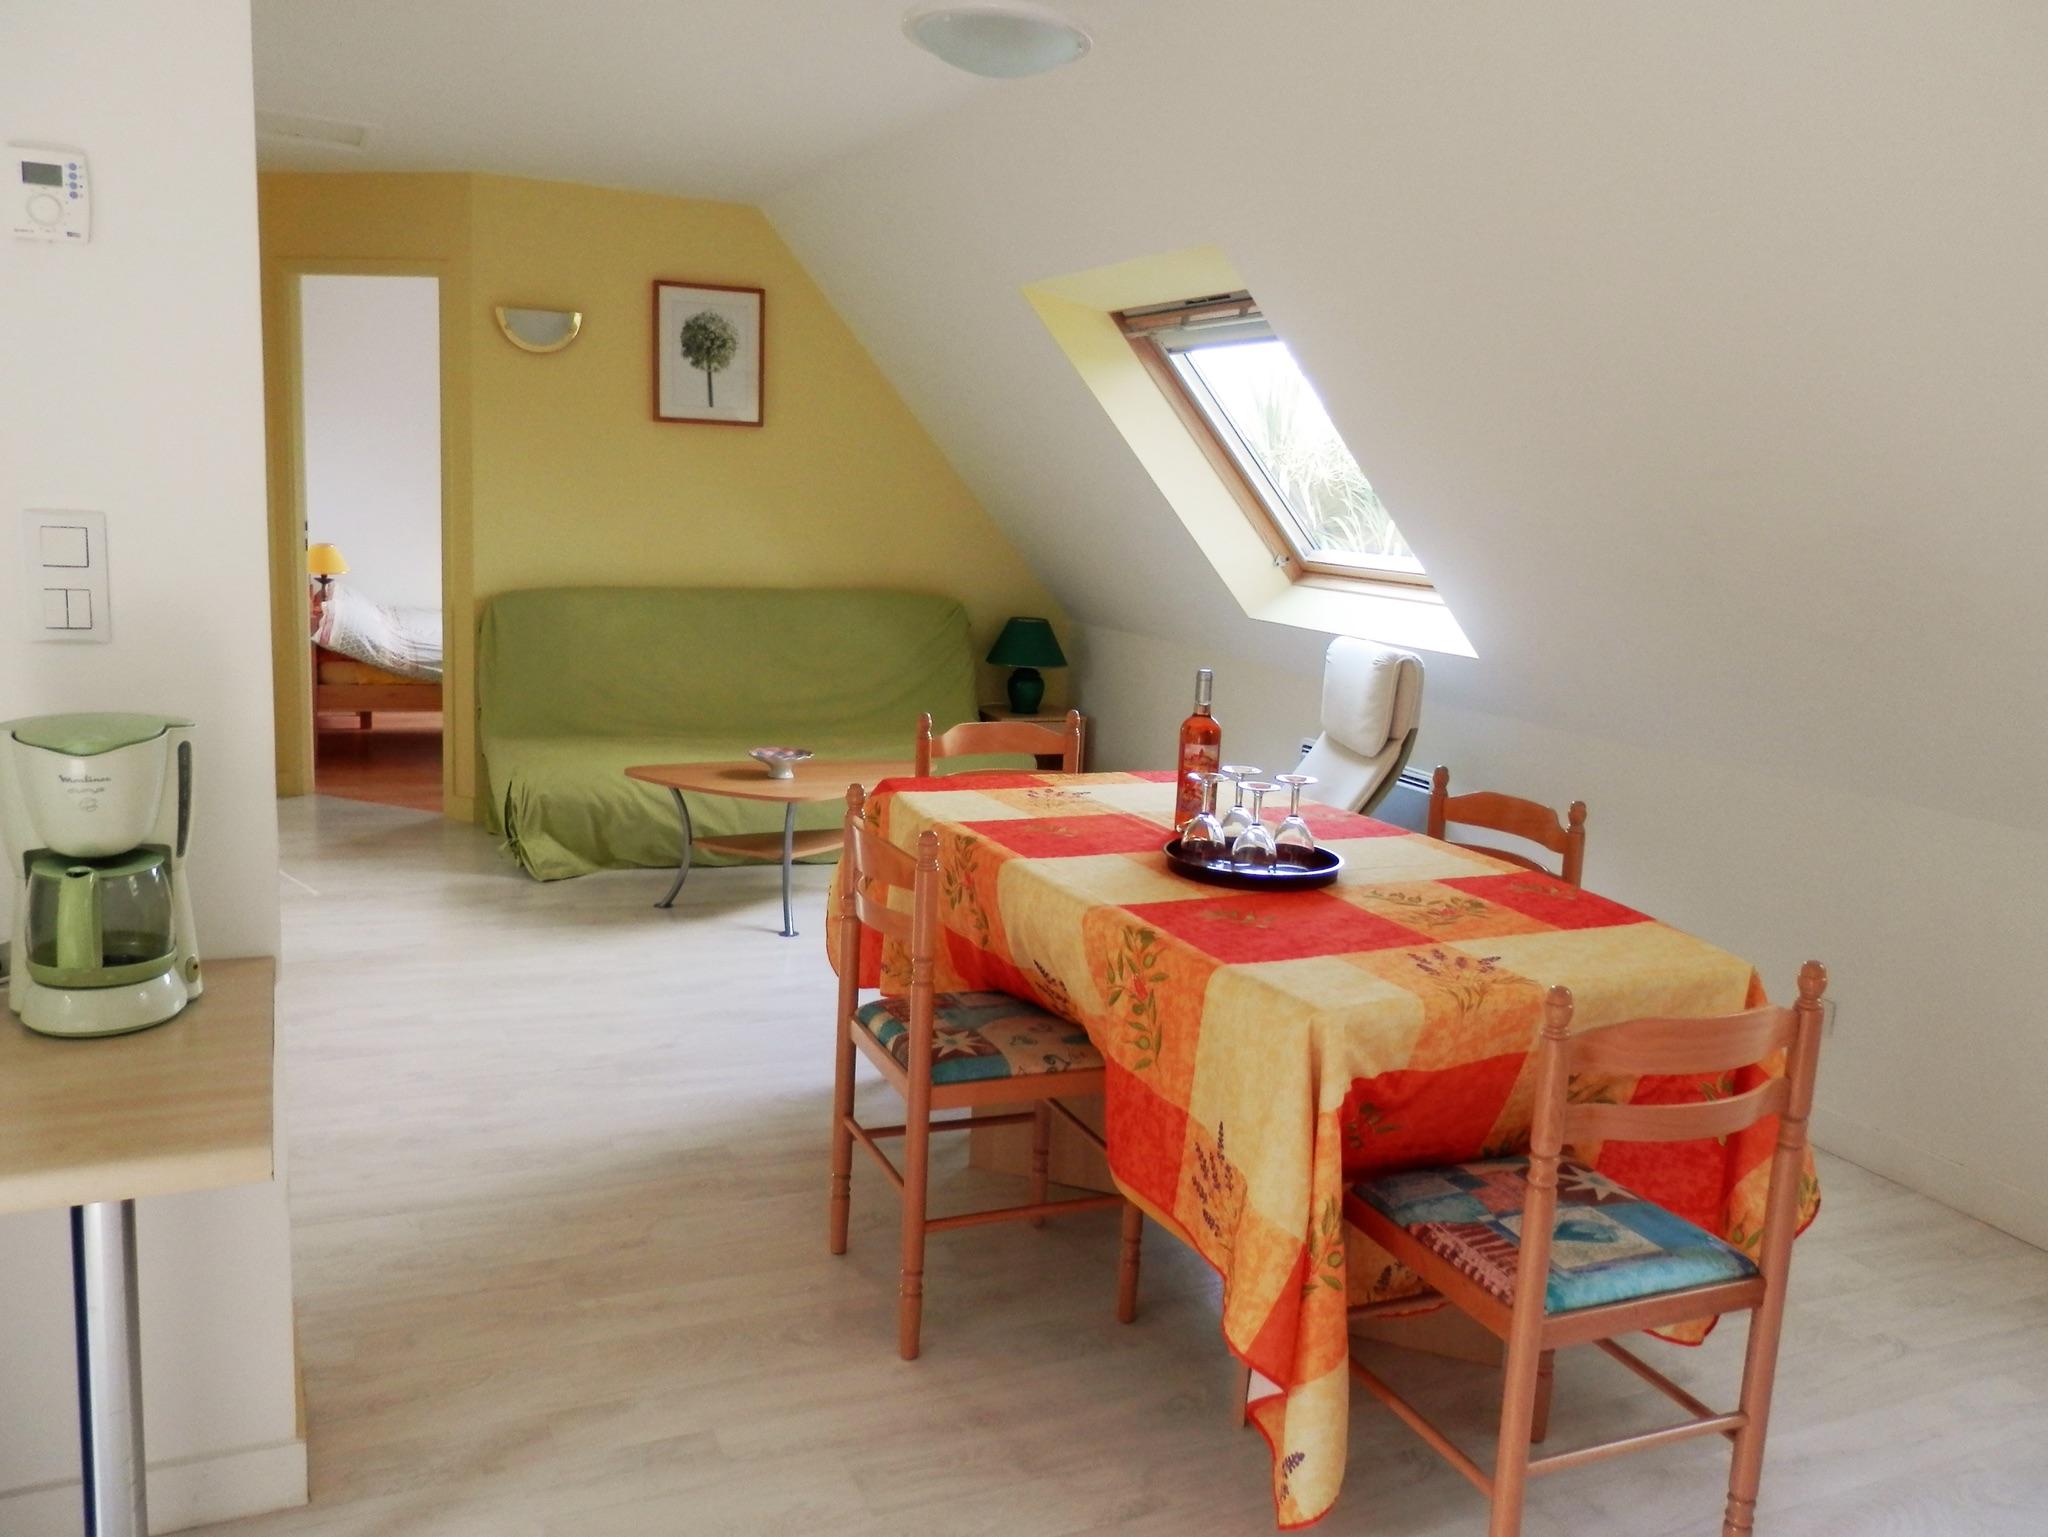 Holiday apartment Modernes wohnung in Arzon mit zwei Schlafzimmern, Terrasse und Blick auf die Stadt - für v (2201249), Arzon, Atlantic coast Morbihan, Brittany, France, picture 4